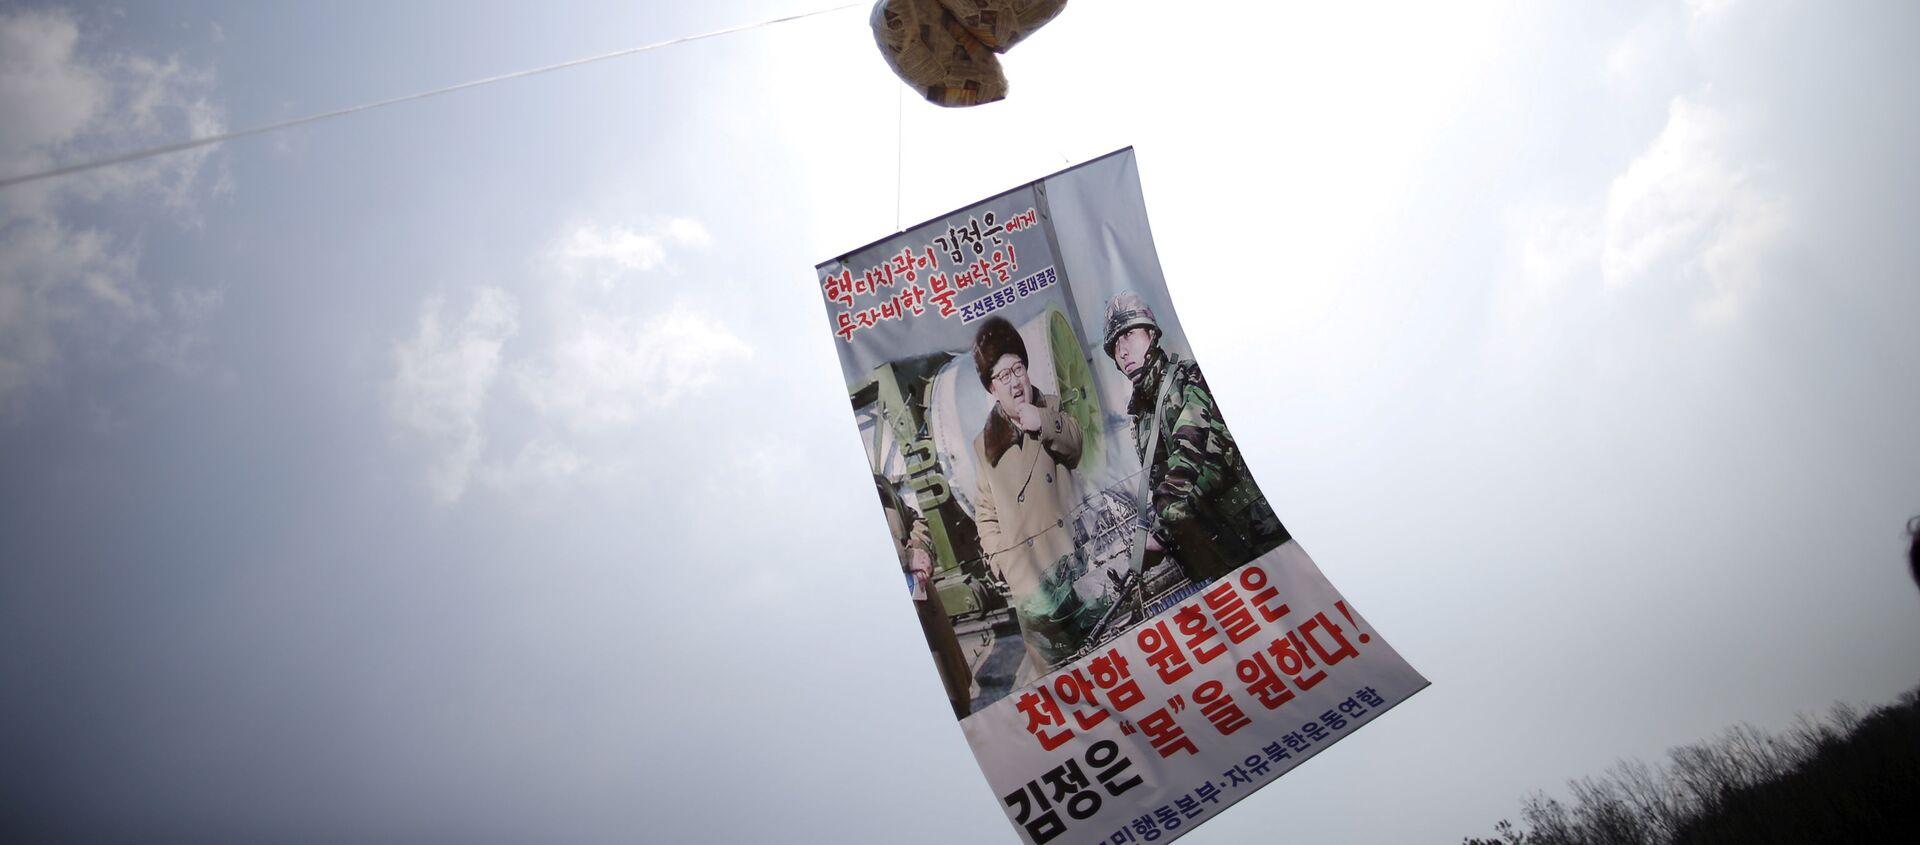 Un globo con folletos denunciando al líder norcoreano, Kim Jong-un, flota en el aire cerca de la zona desmilitarizada que separa las dos Coreas - Sputnik Mundo, 1920, 16.12.2020